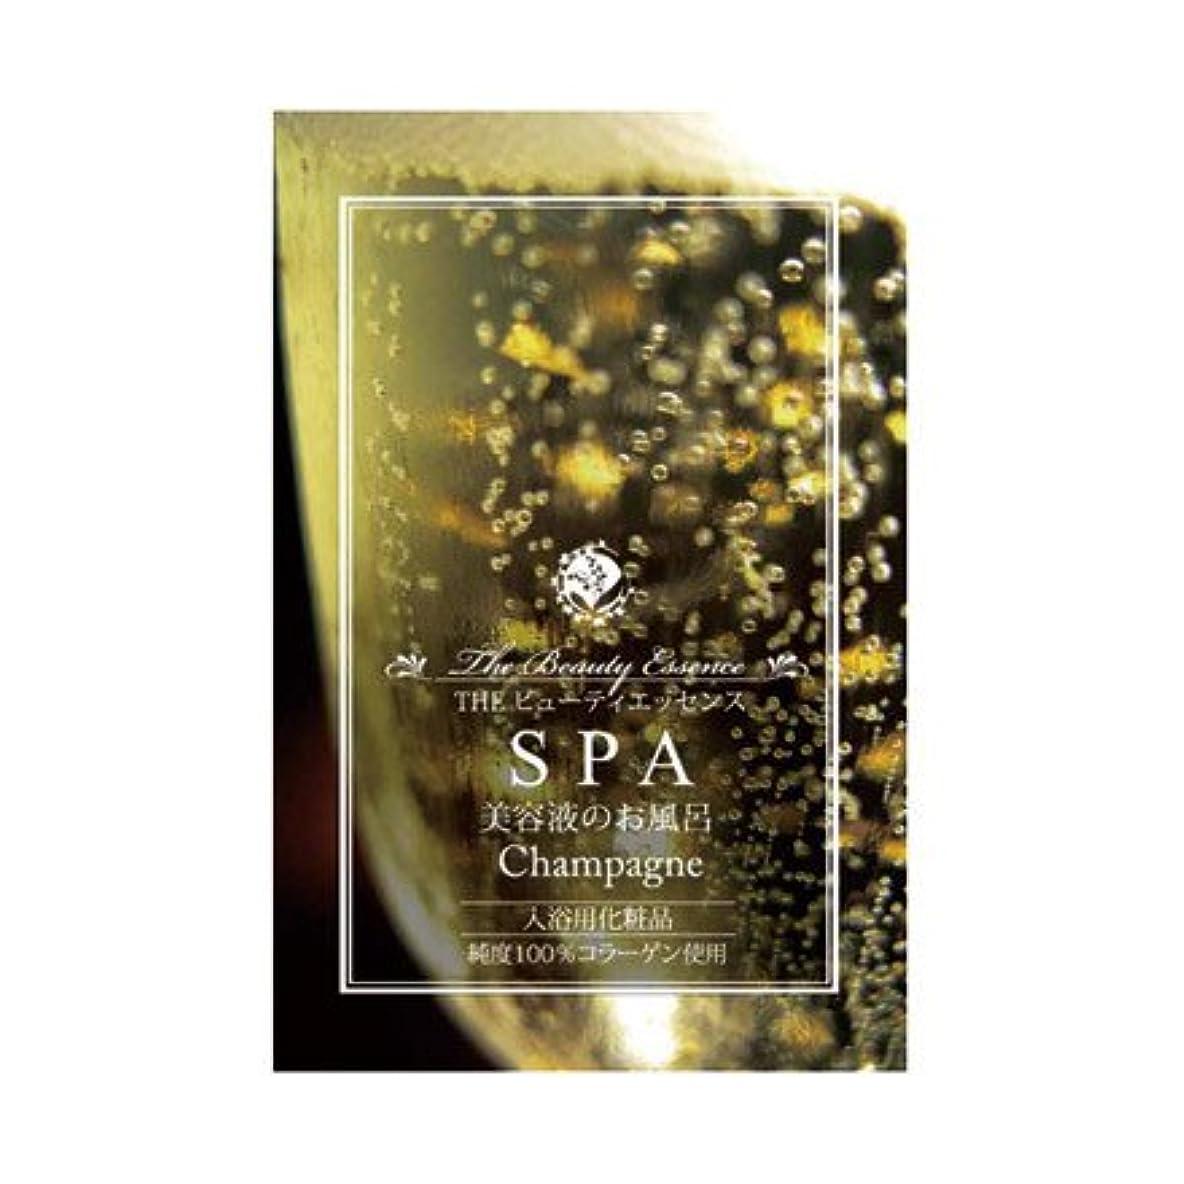 犯罪ボルト桃ビューティエッセンスSPA シャンパン 50g(入浴剤)